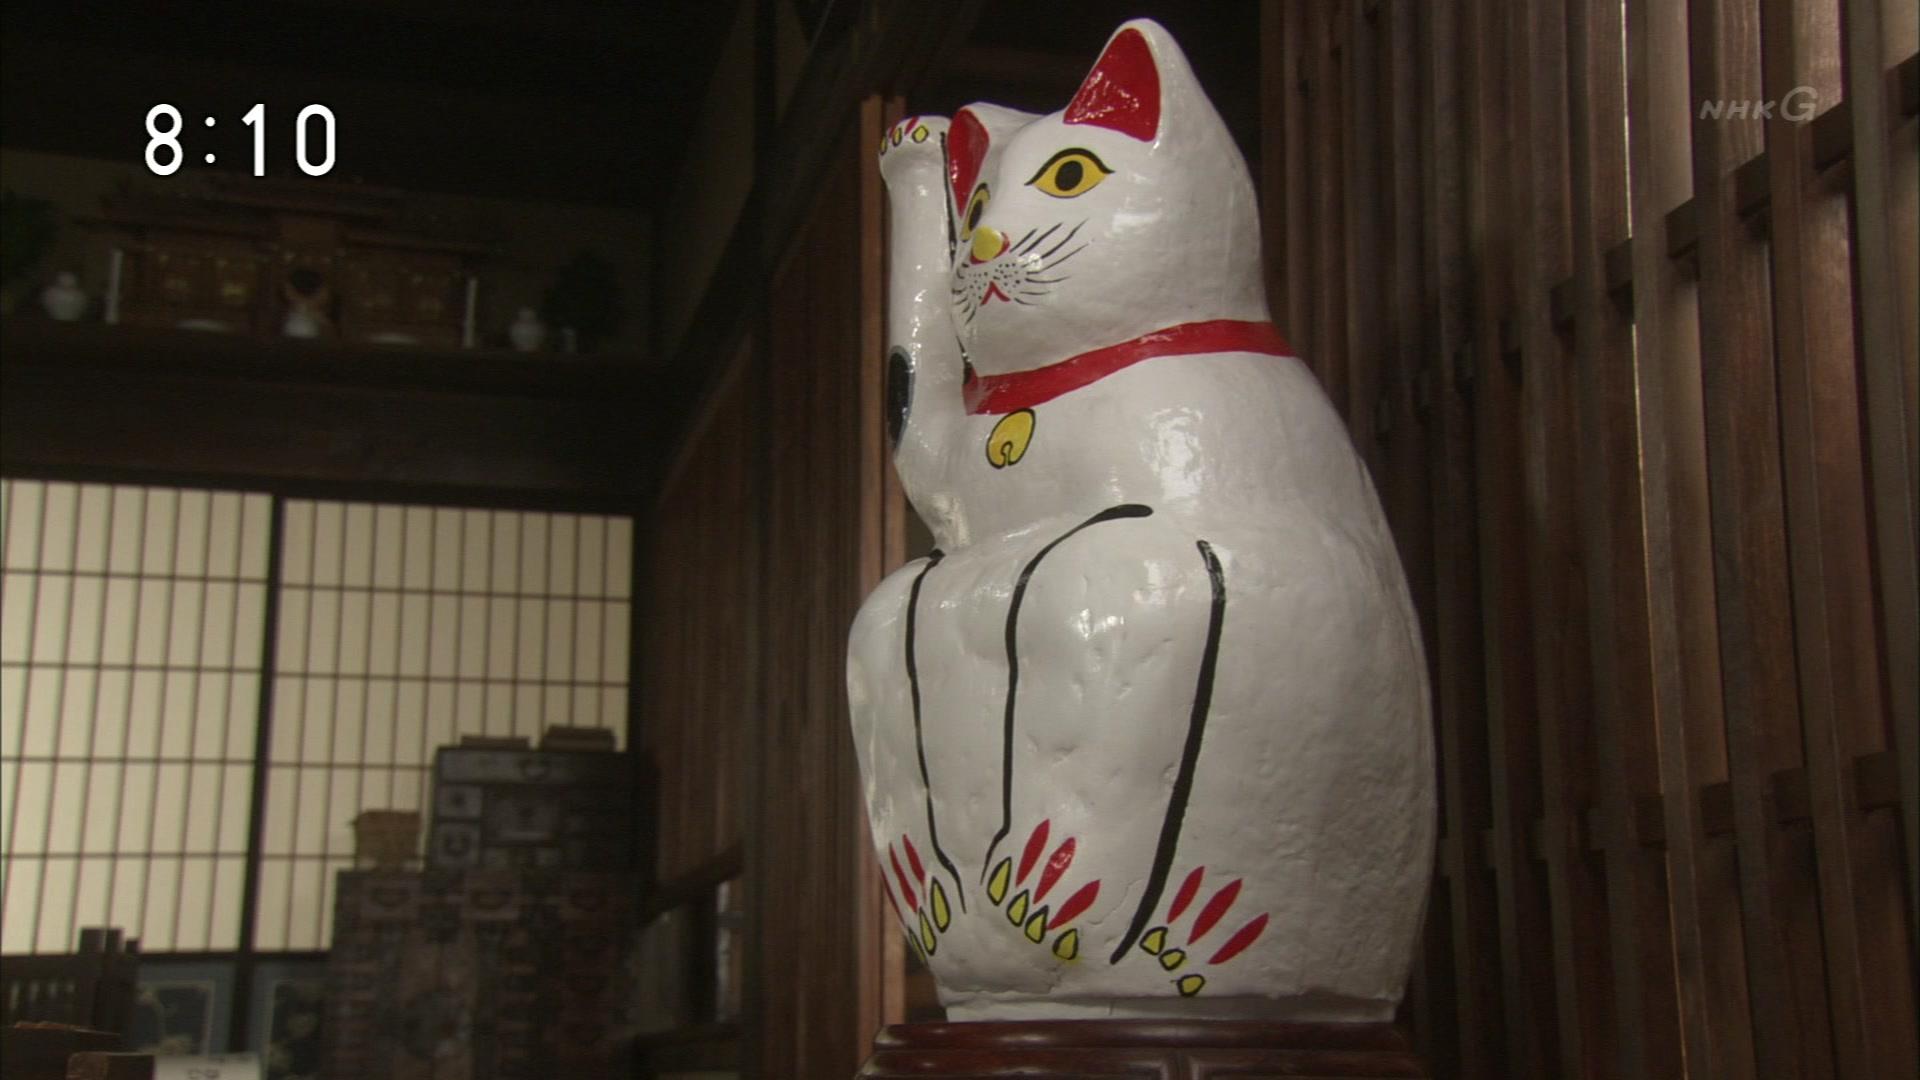 2015-10-12 08:00 連続テレビ小説 あさが来た(13)「新選組参上!」 1989